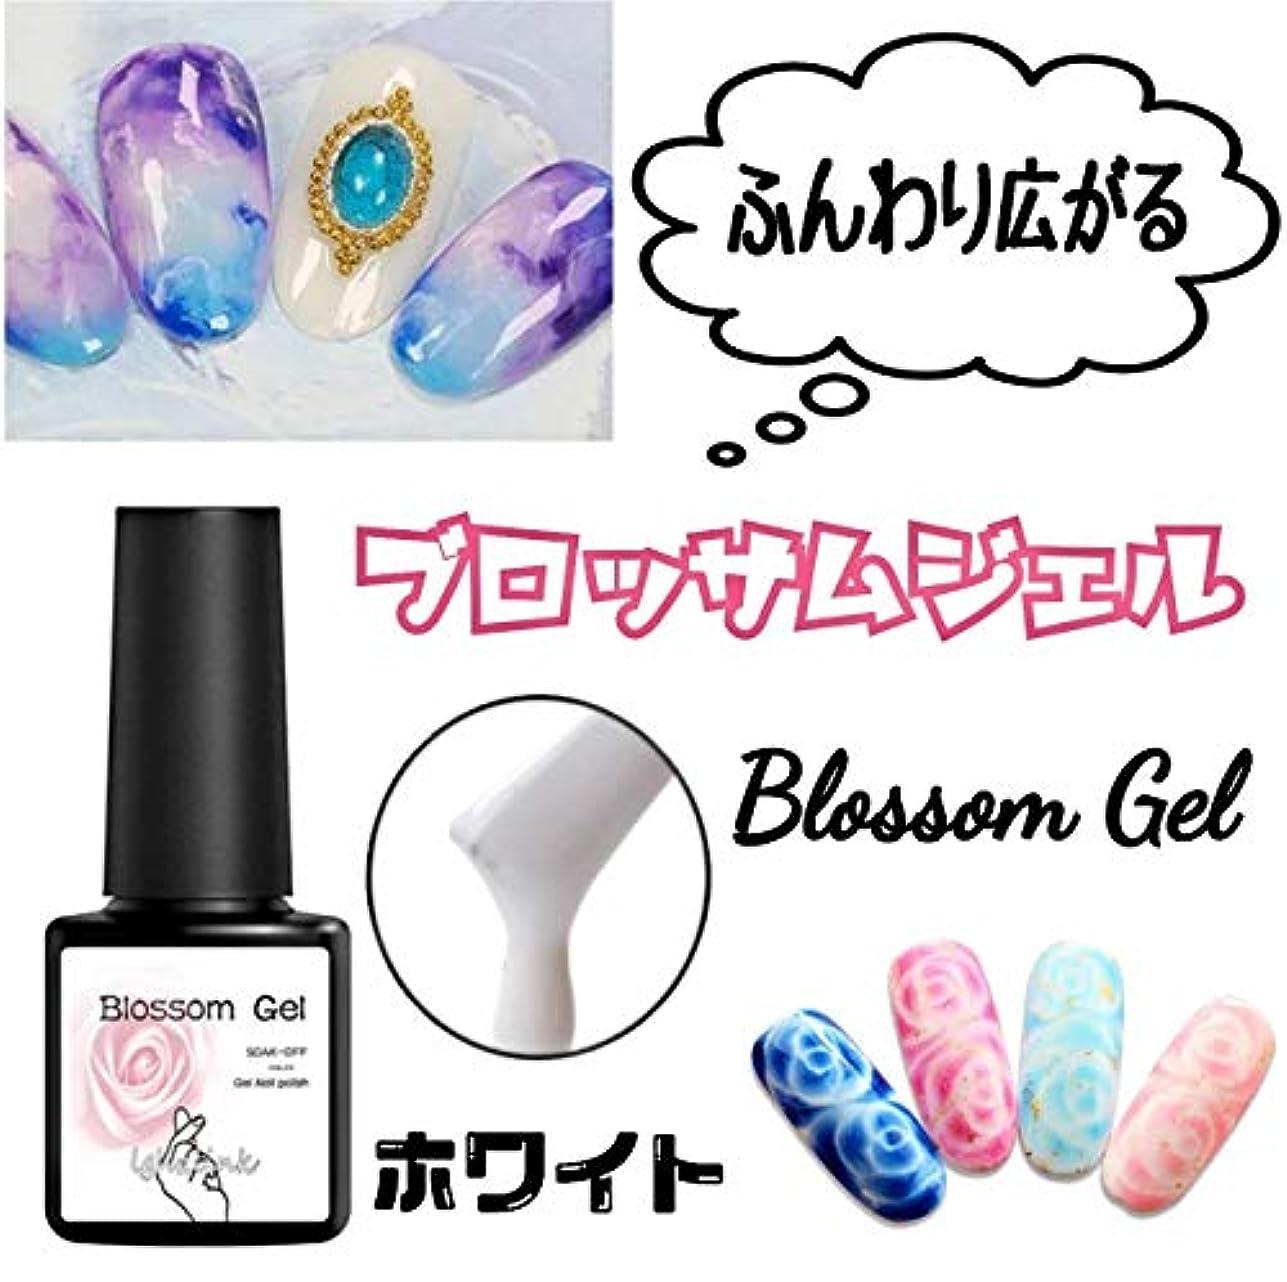 ふんわり広がる【Blossom Gel】ブロッサムジェル 簡単にぼかしや滲みネイル ふわふわジェル